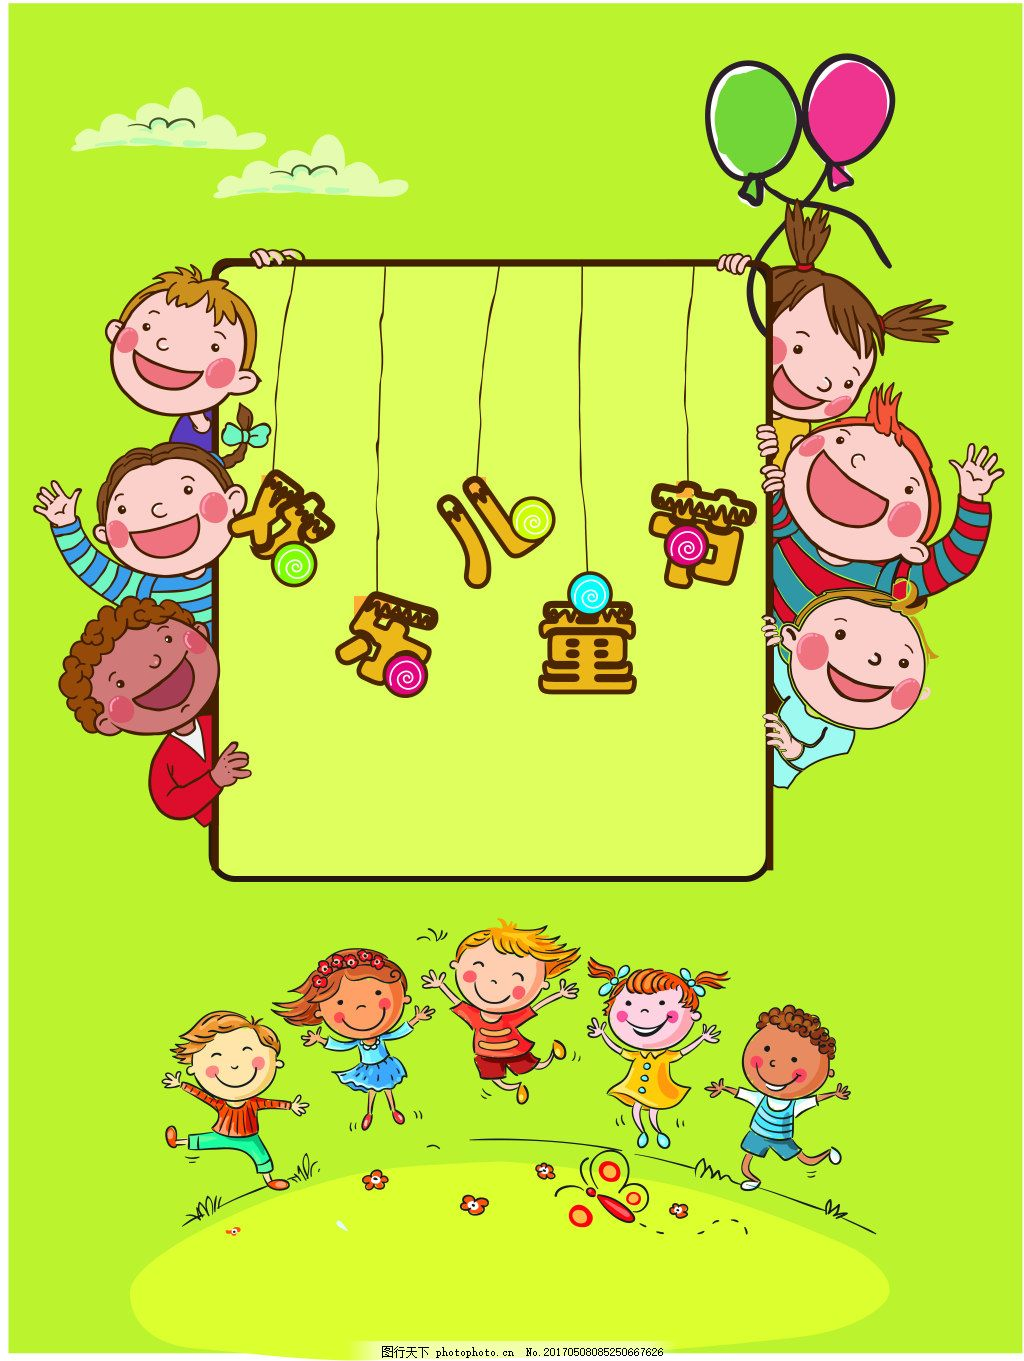 儿童节海报 儿童机 卡通 六一 节日 幼儿园 小朋友